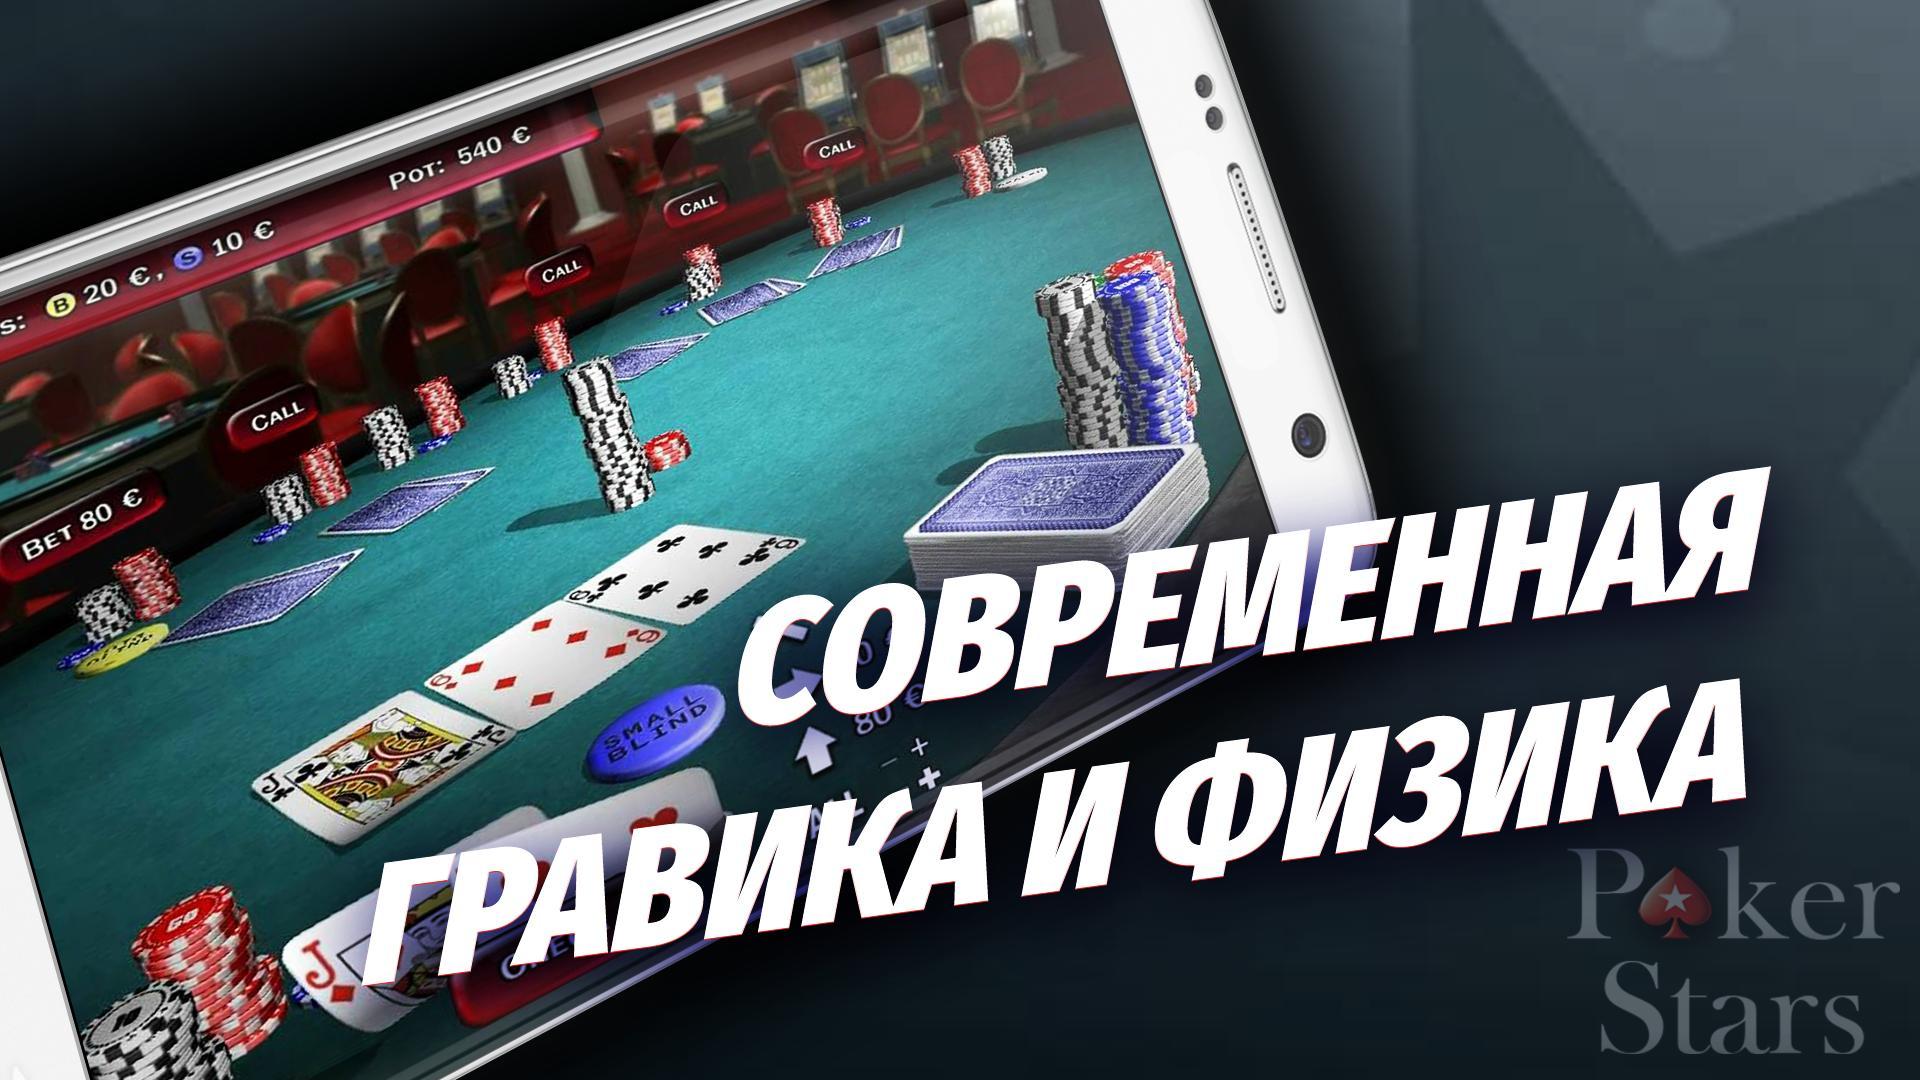 Играть покер стар онлайн покер онлайн на реальные деньги честно